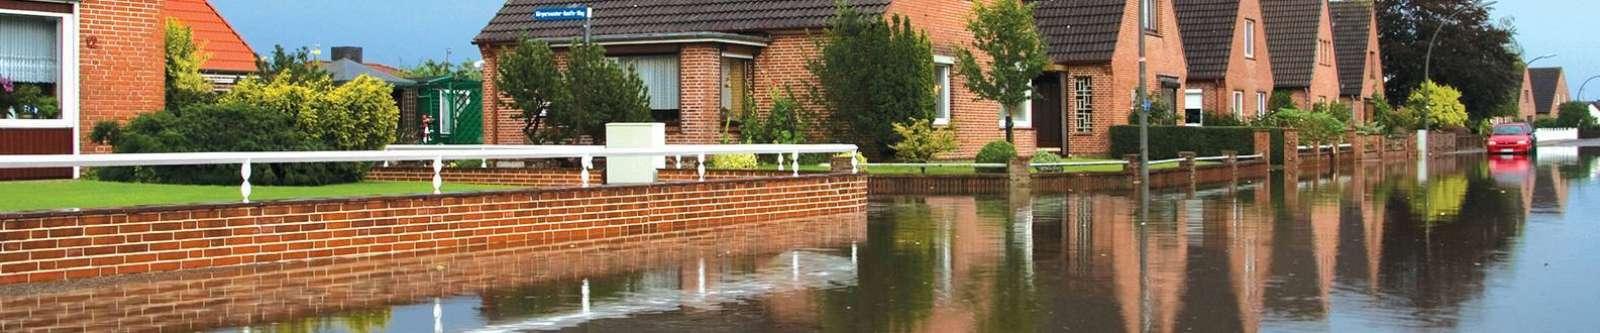 Flood Alleviation Banner